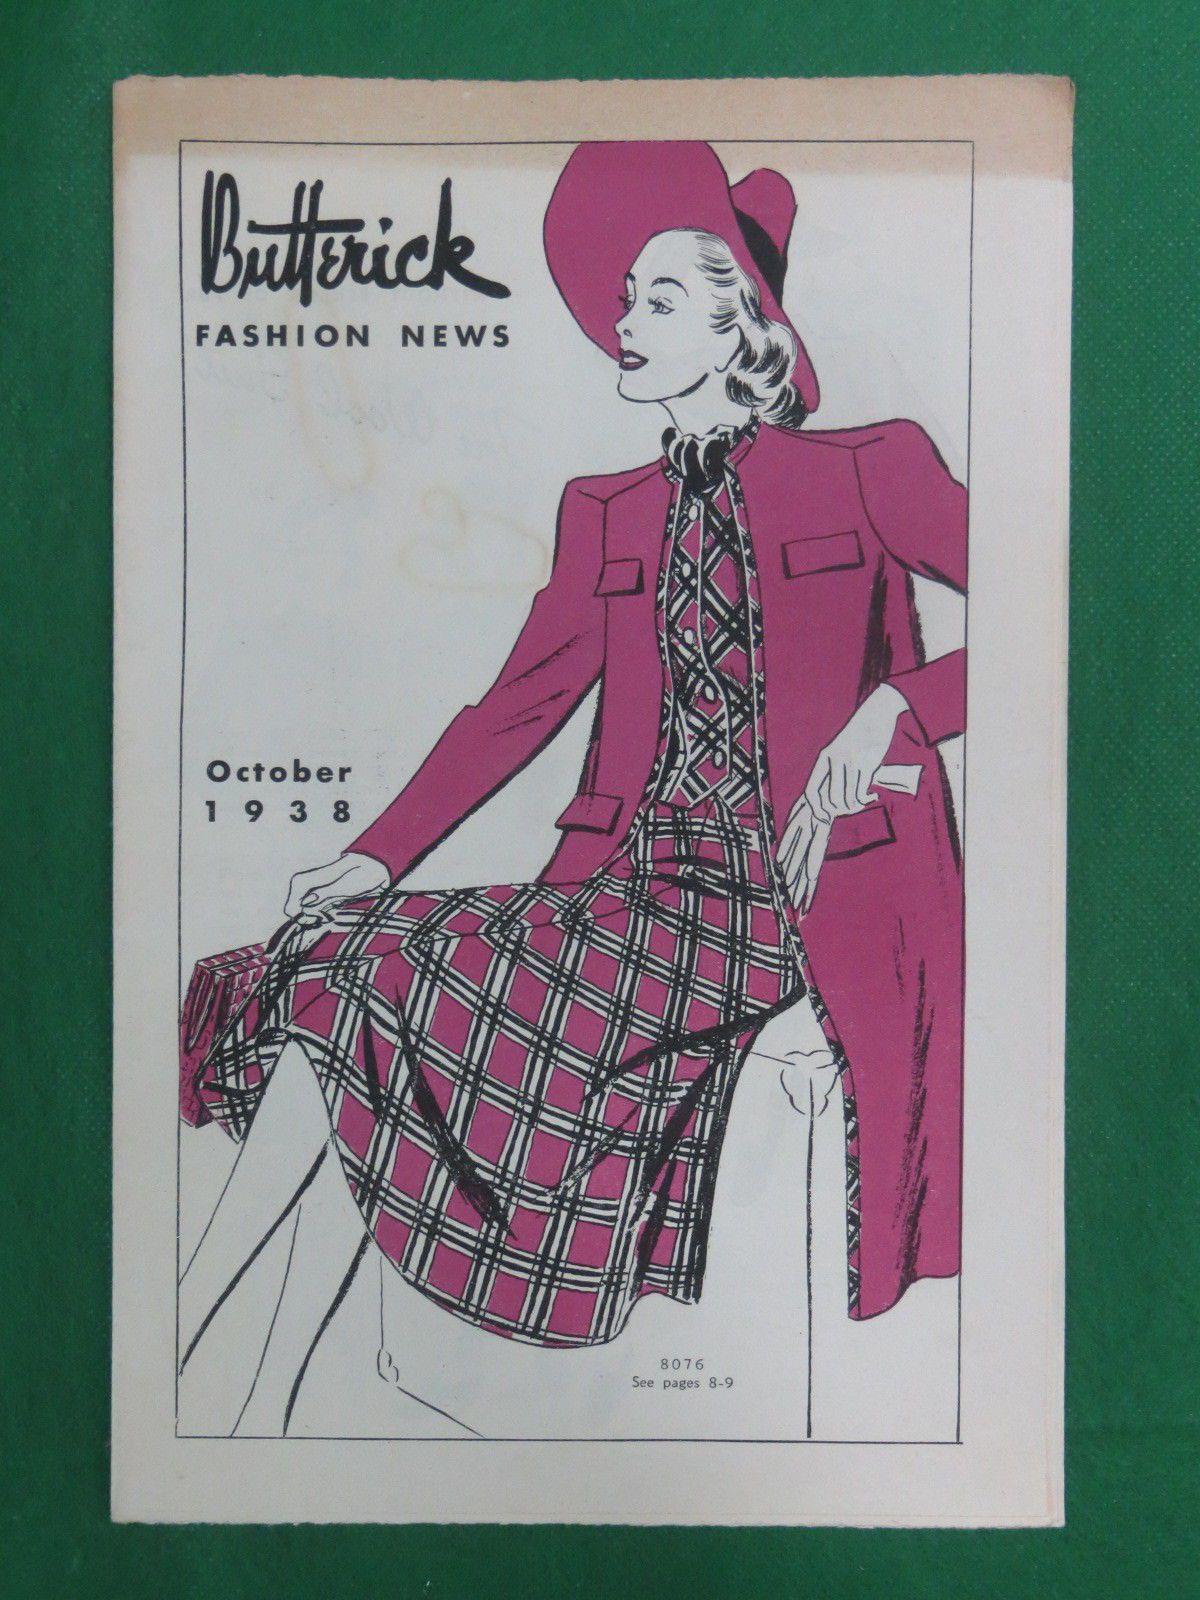 Butterick Fashion News, October 1938 featuring Butterick  8076